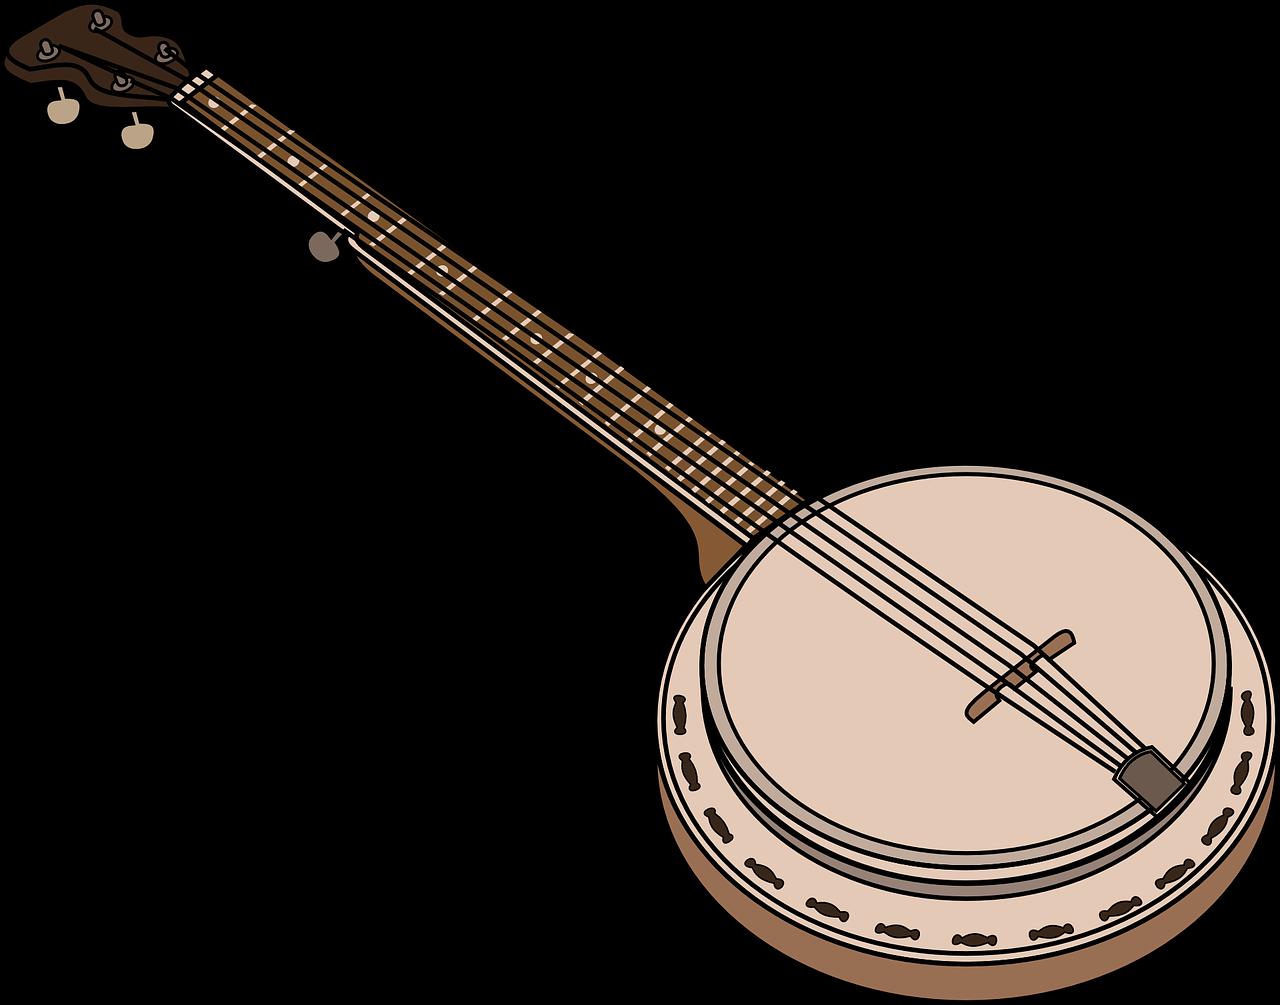 image freeuse download banjo vector folk #89835516